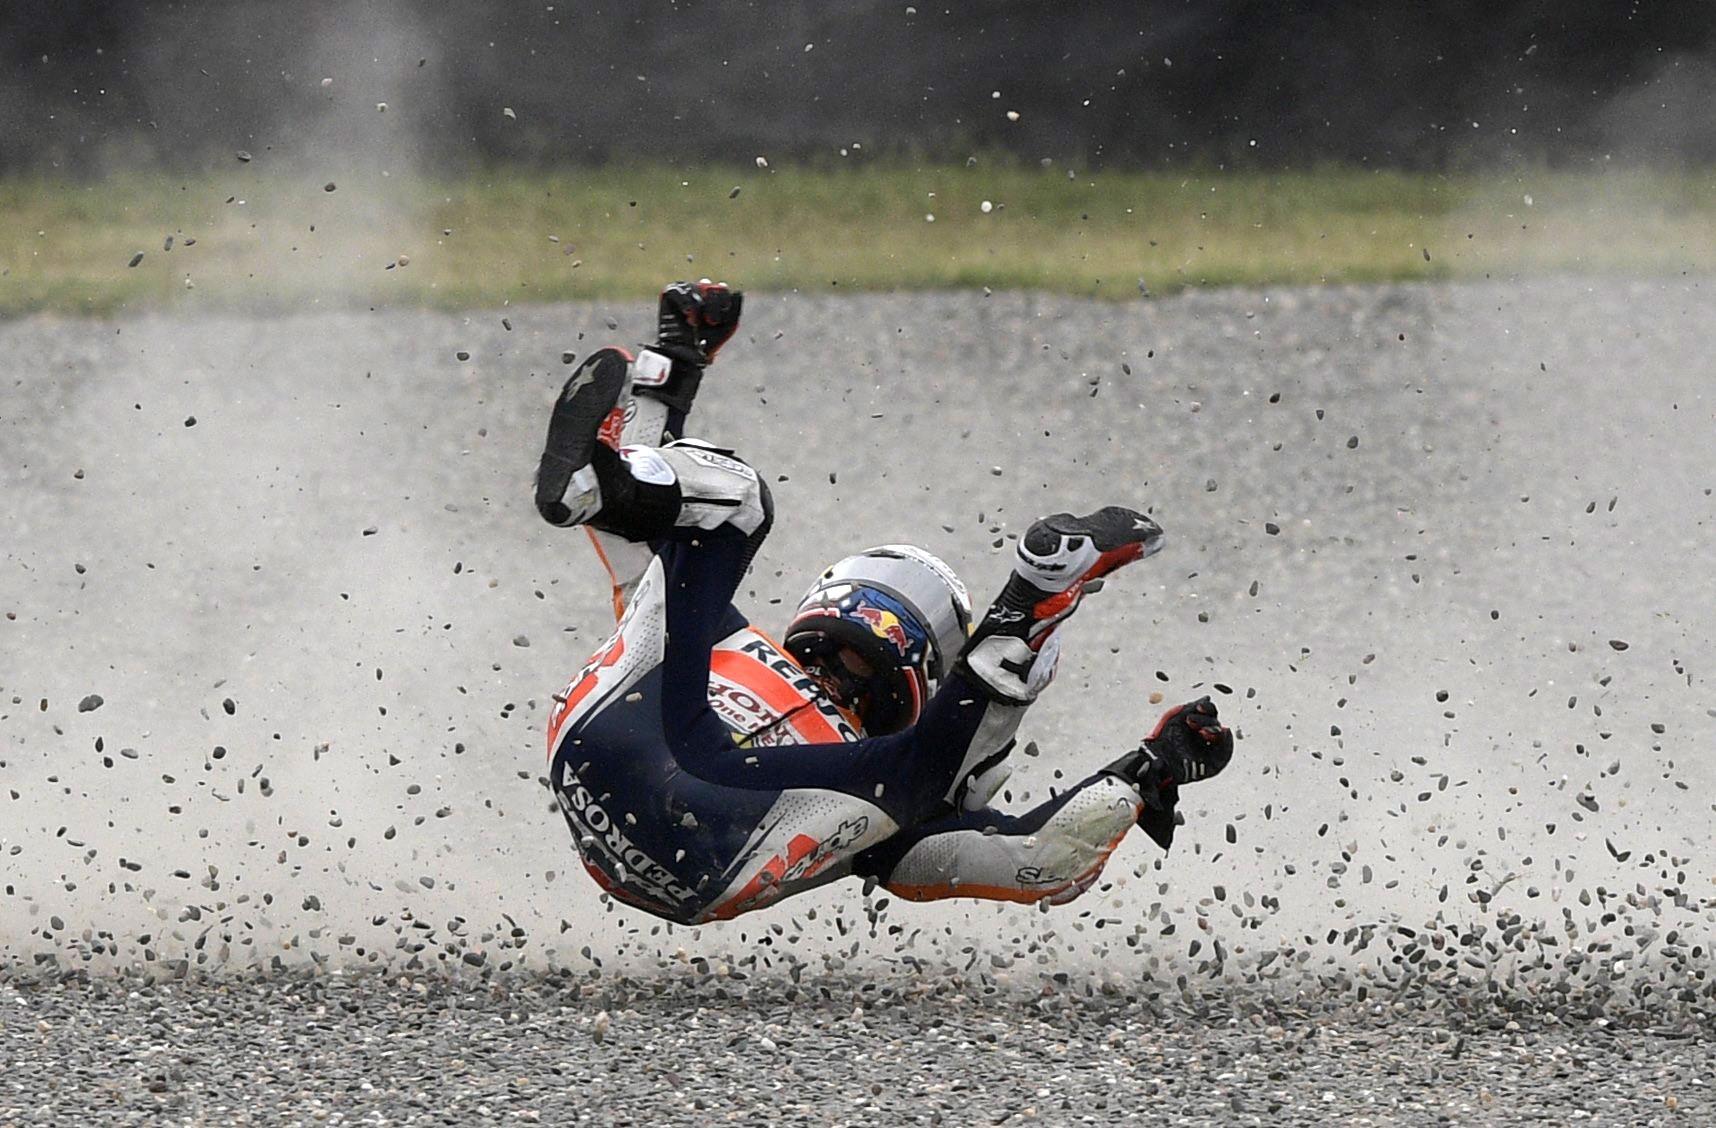 Dani Pedrosa (Honda HRC) au Grand Prix d'Argentine 2017